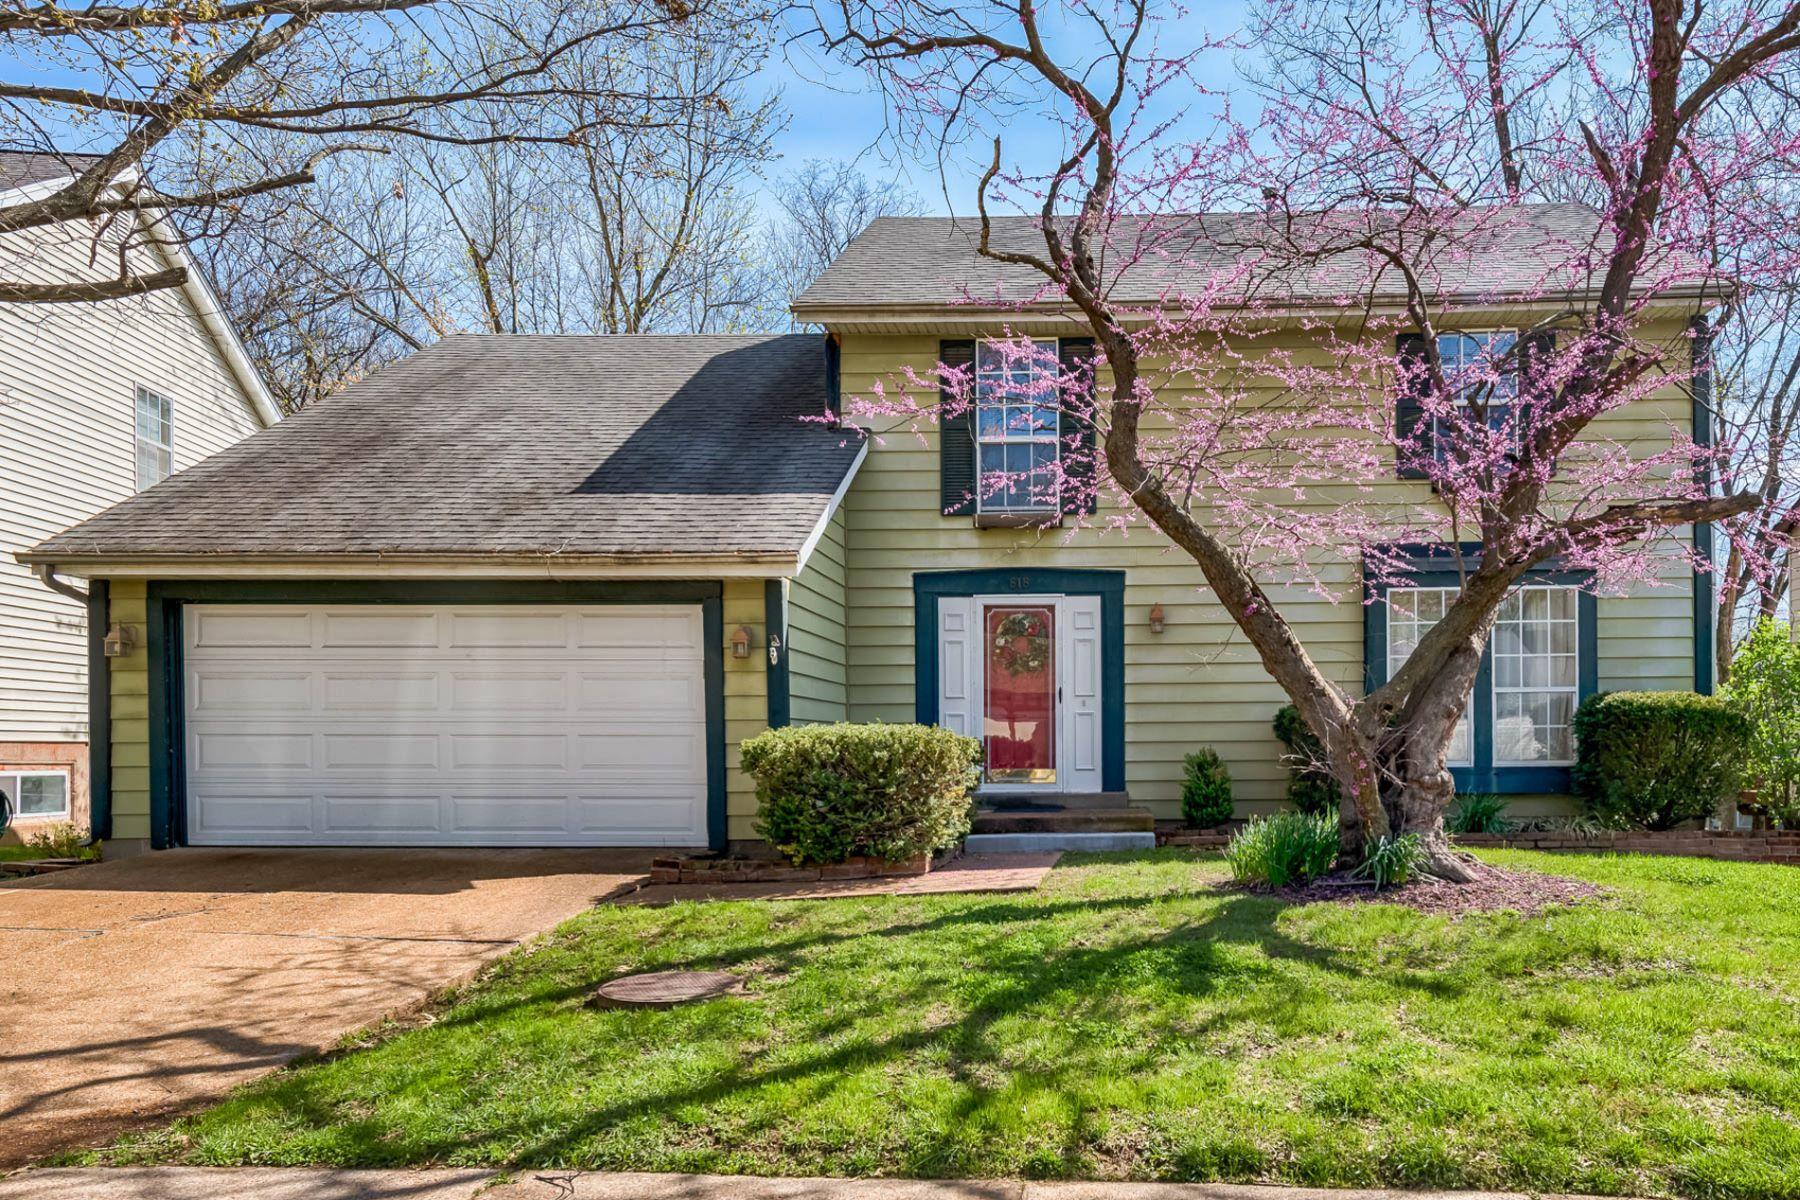 独户住宅 为 销售 在 Weatherwood 818 Weatherwood Drive 鲍尔温, 密苏里州, 63021 美国